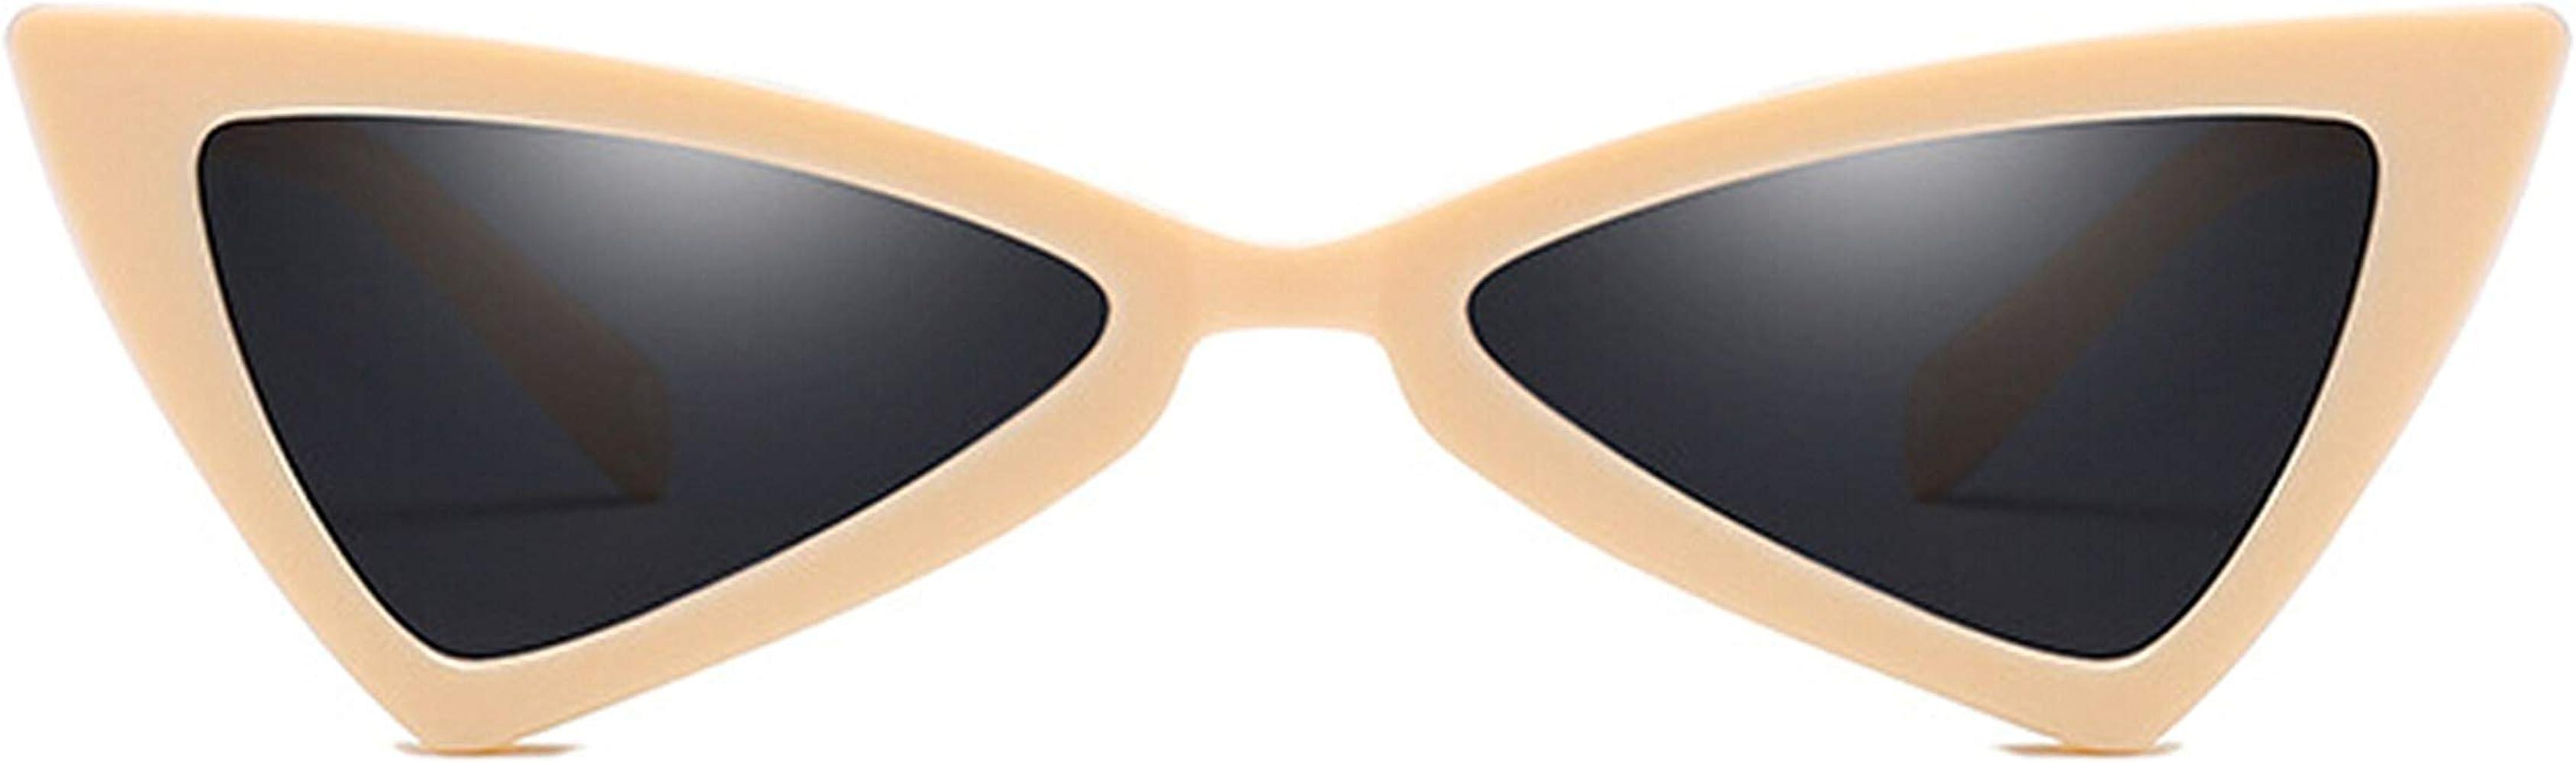 ANAZOZ Gafas de Sol Lente Beige Gafas de Sol de Mujer UV400 ...